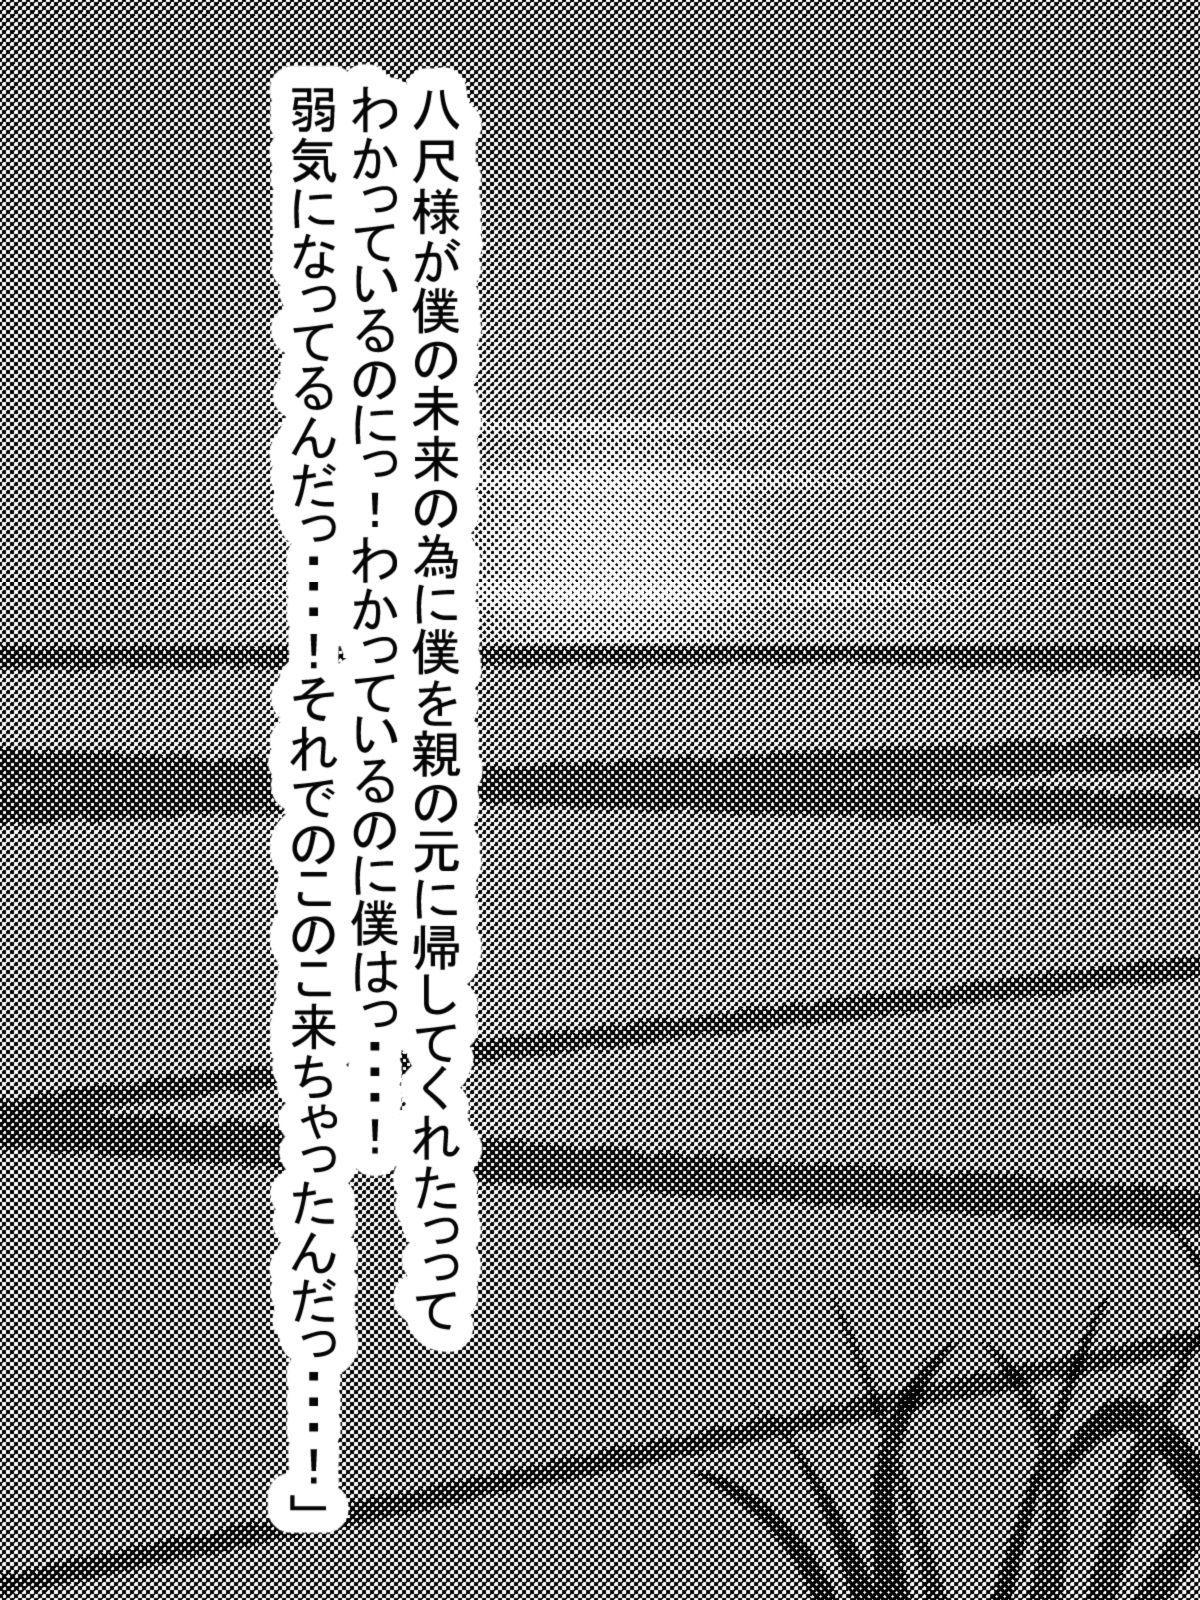 Hasshaku-sama to Boku no Paizuri Memories 84